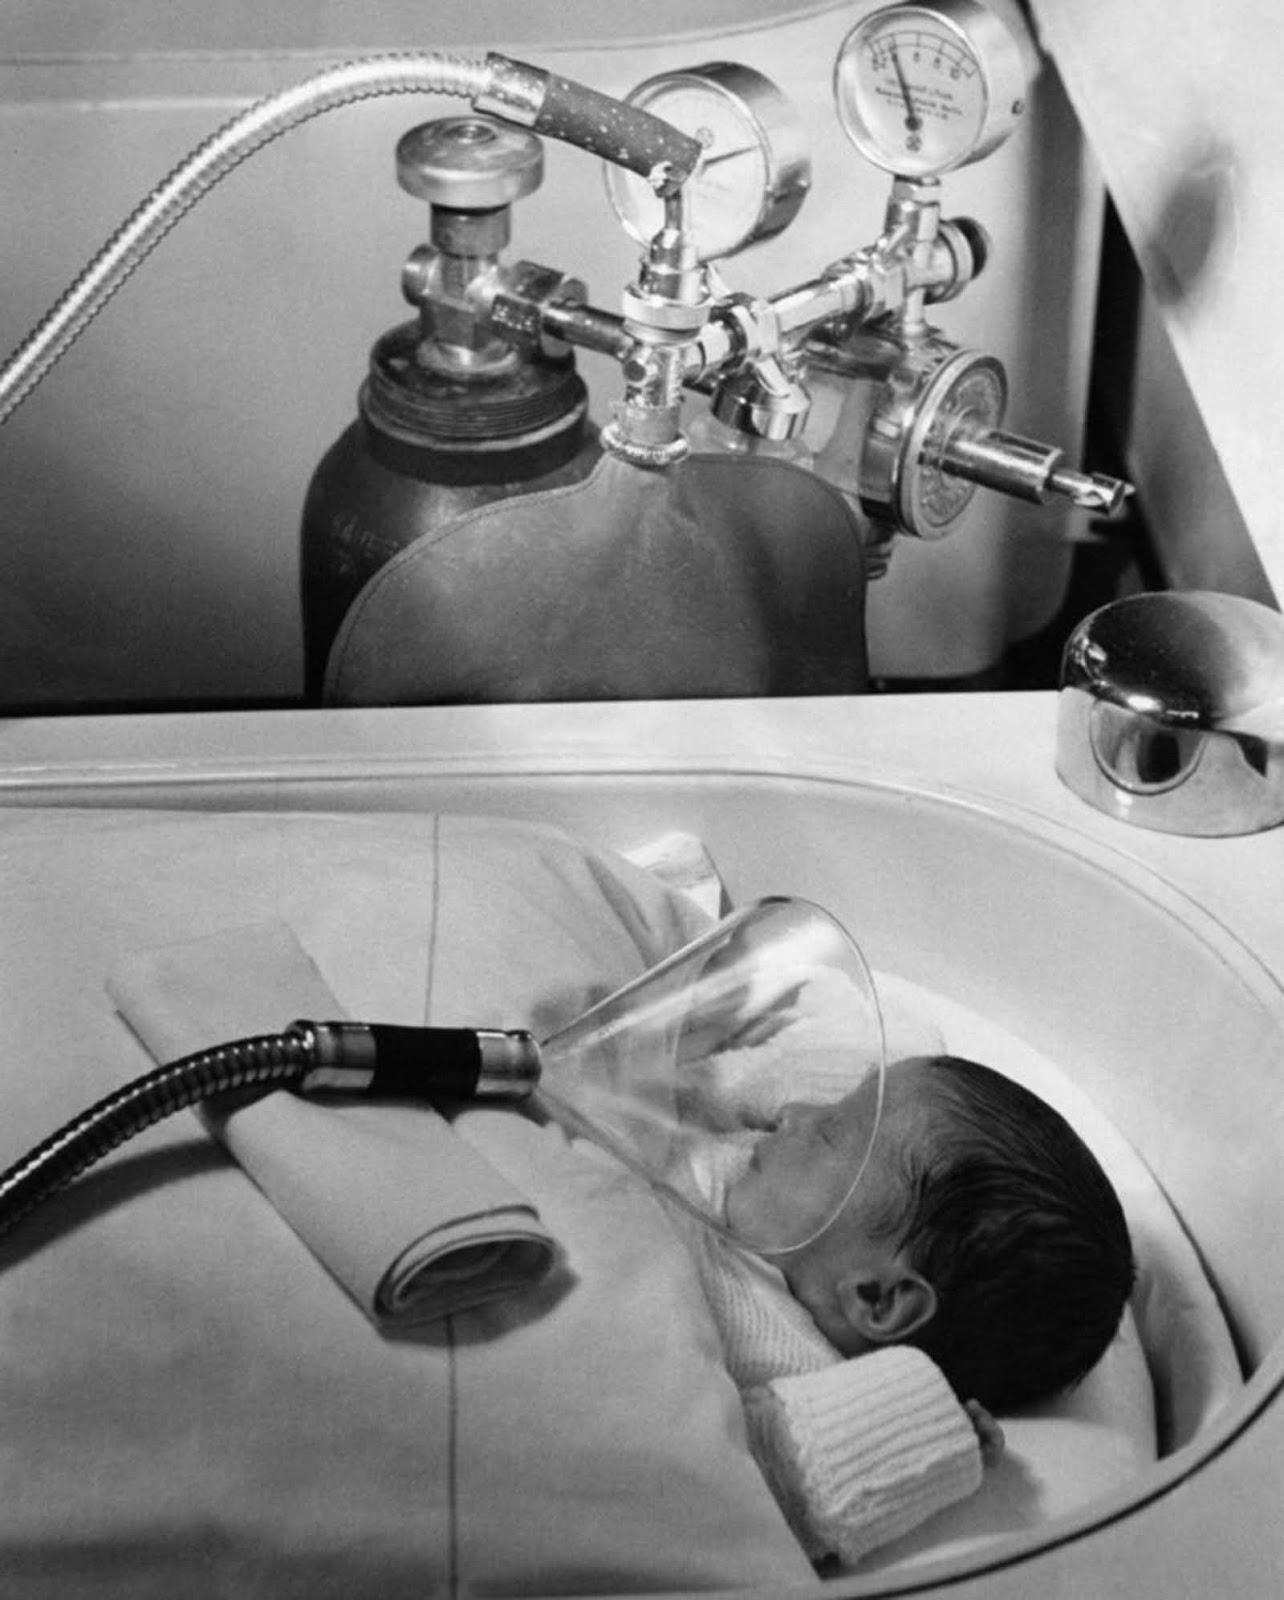 Administración de oxígeno a un recién nacido en Berlín, Alemania, julio de 1939.